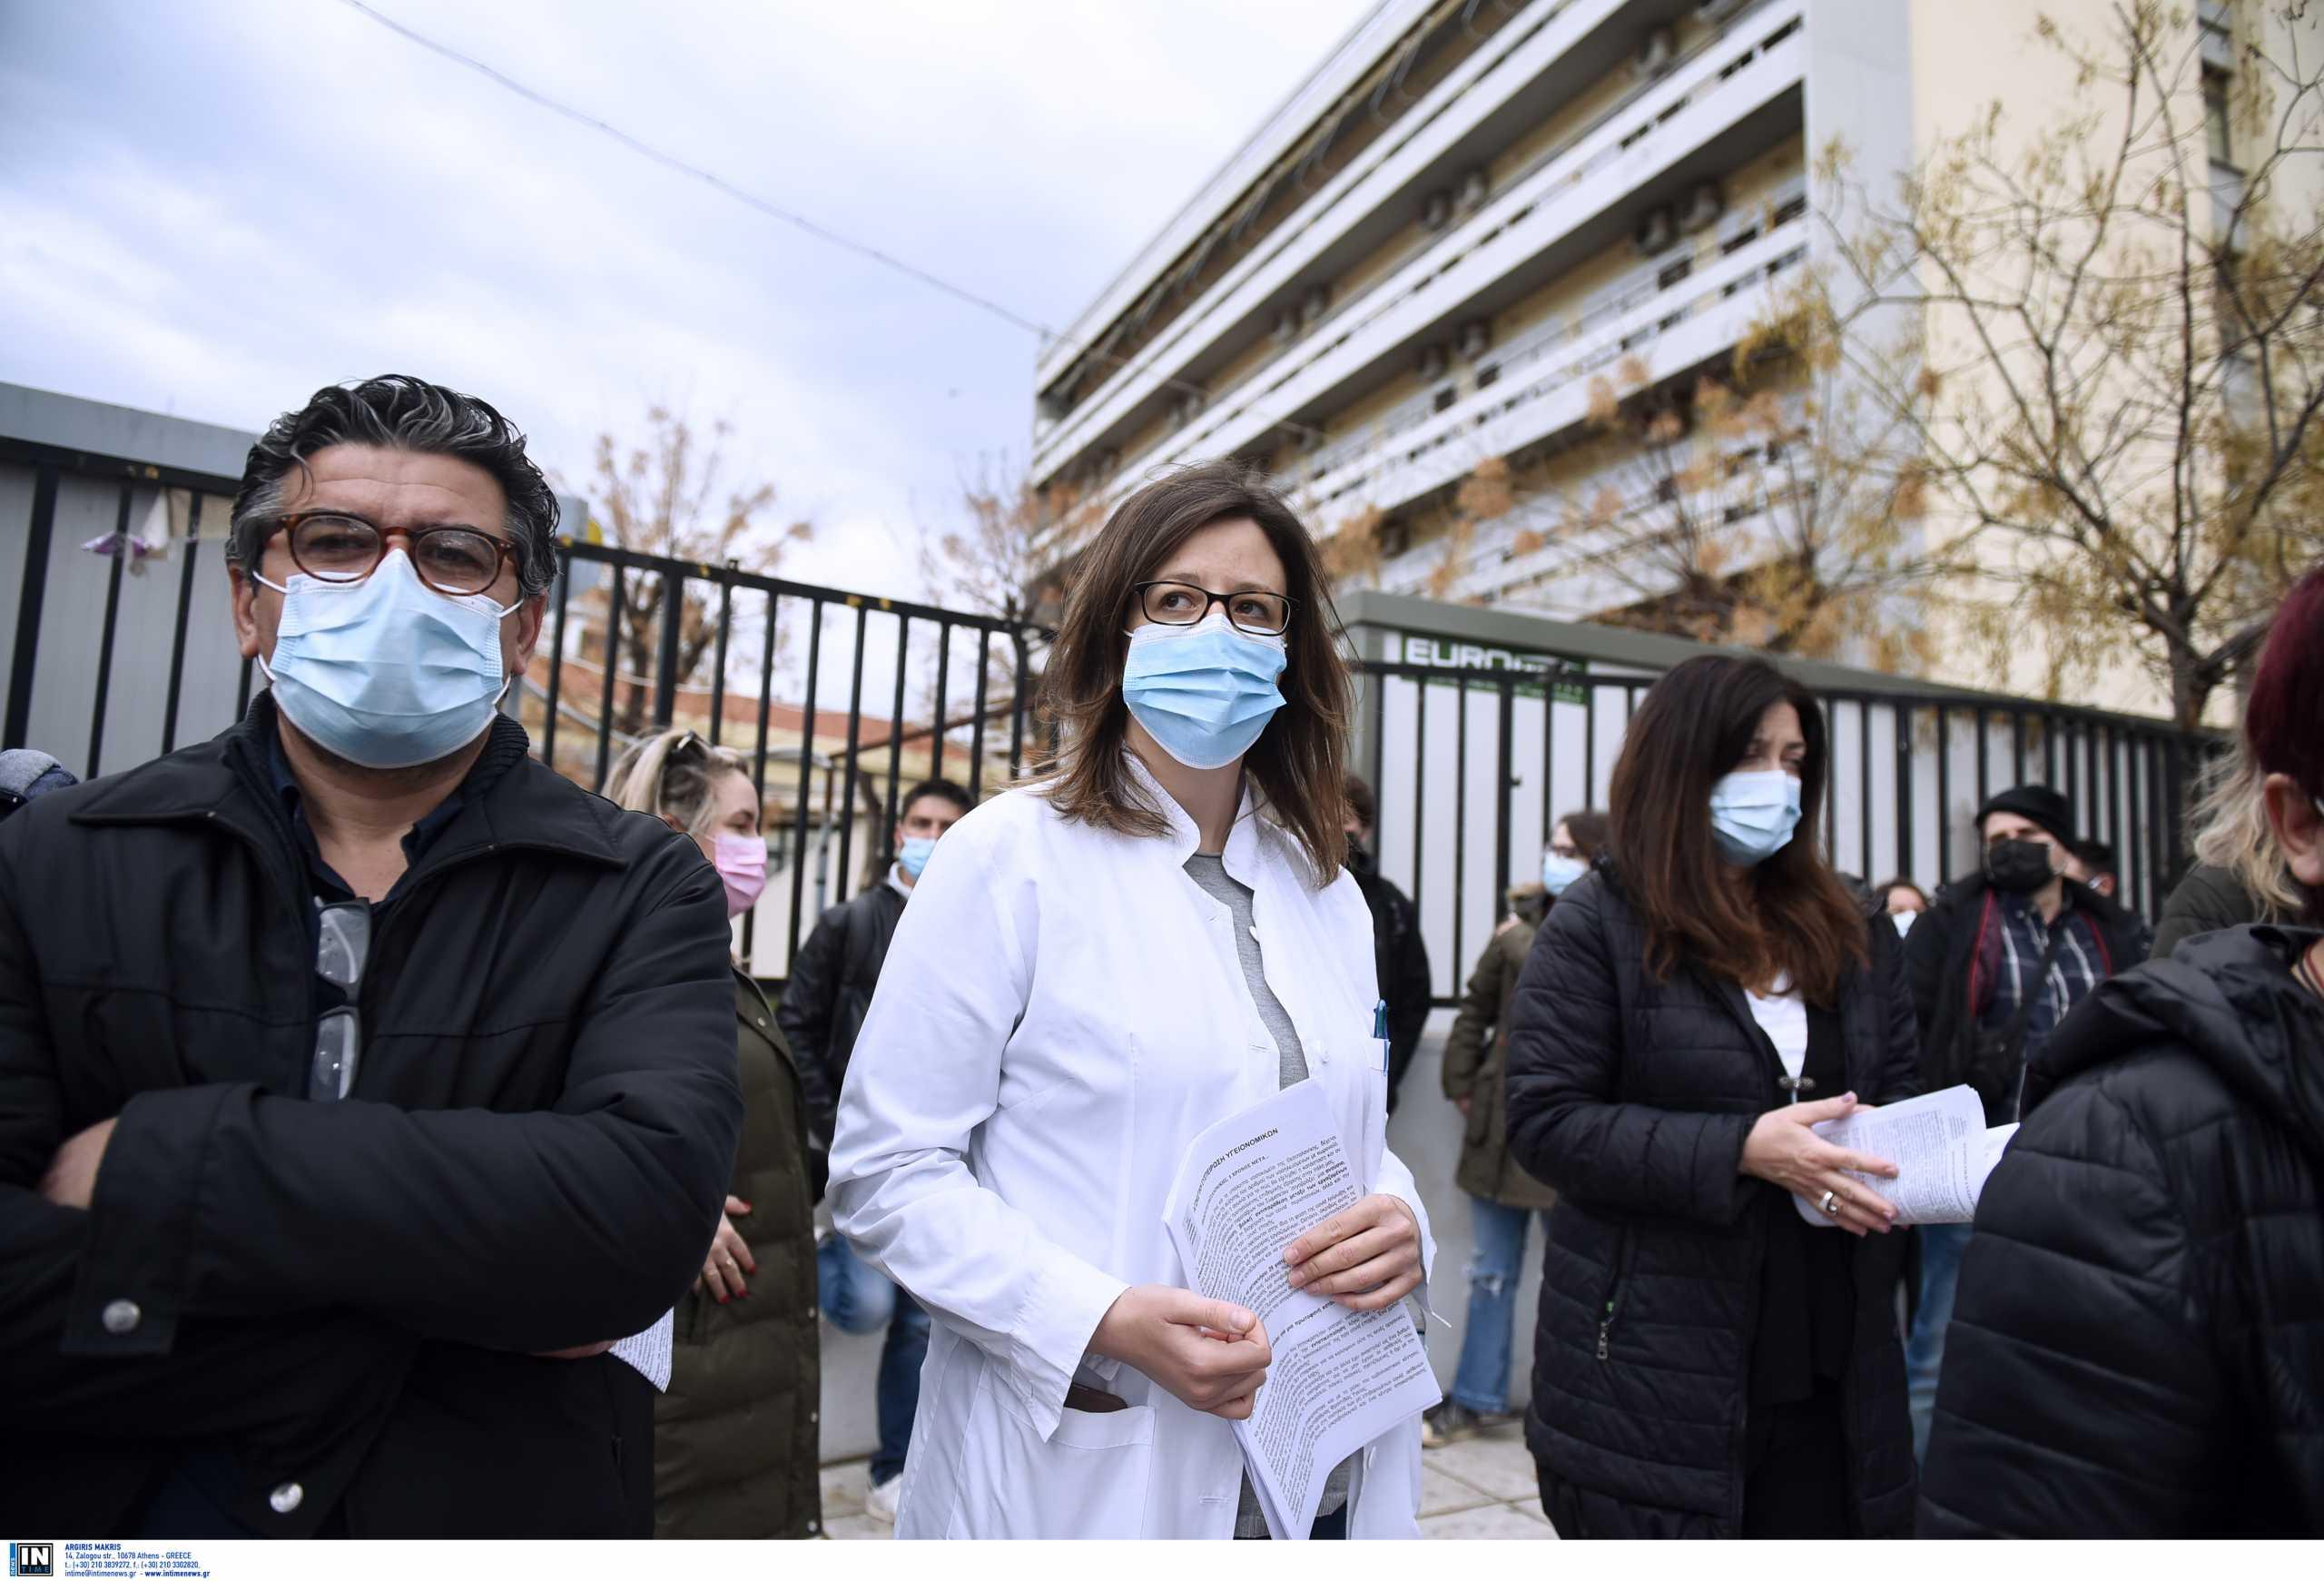 Θεσσαλονίκη: Διαμαρτυρία γιατρών και νοσηλευτών στο Ιπποκράτειο – «Ήρθε η ώρα για οριστικές λύσεις»